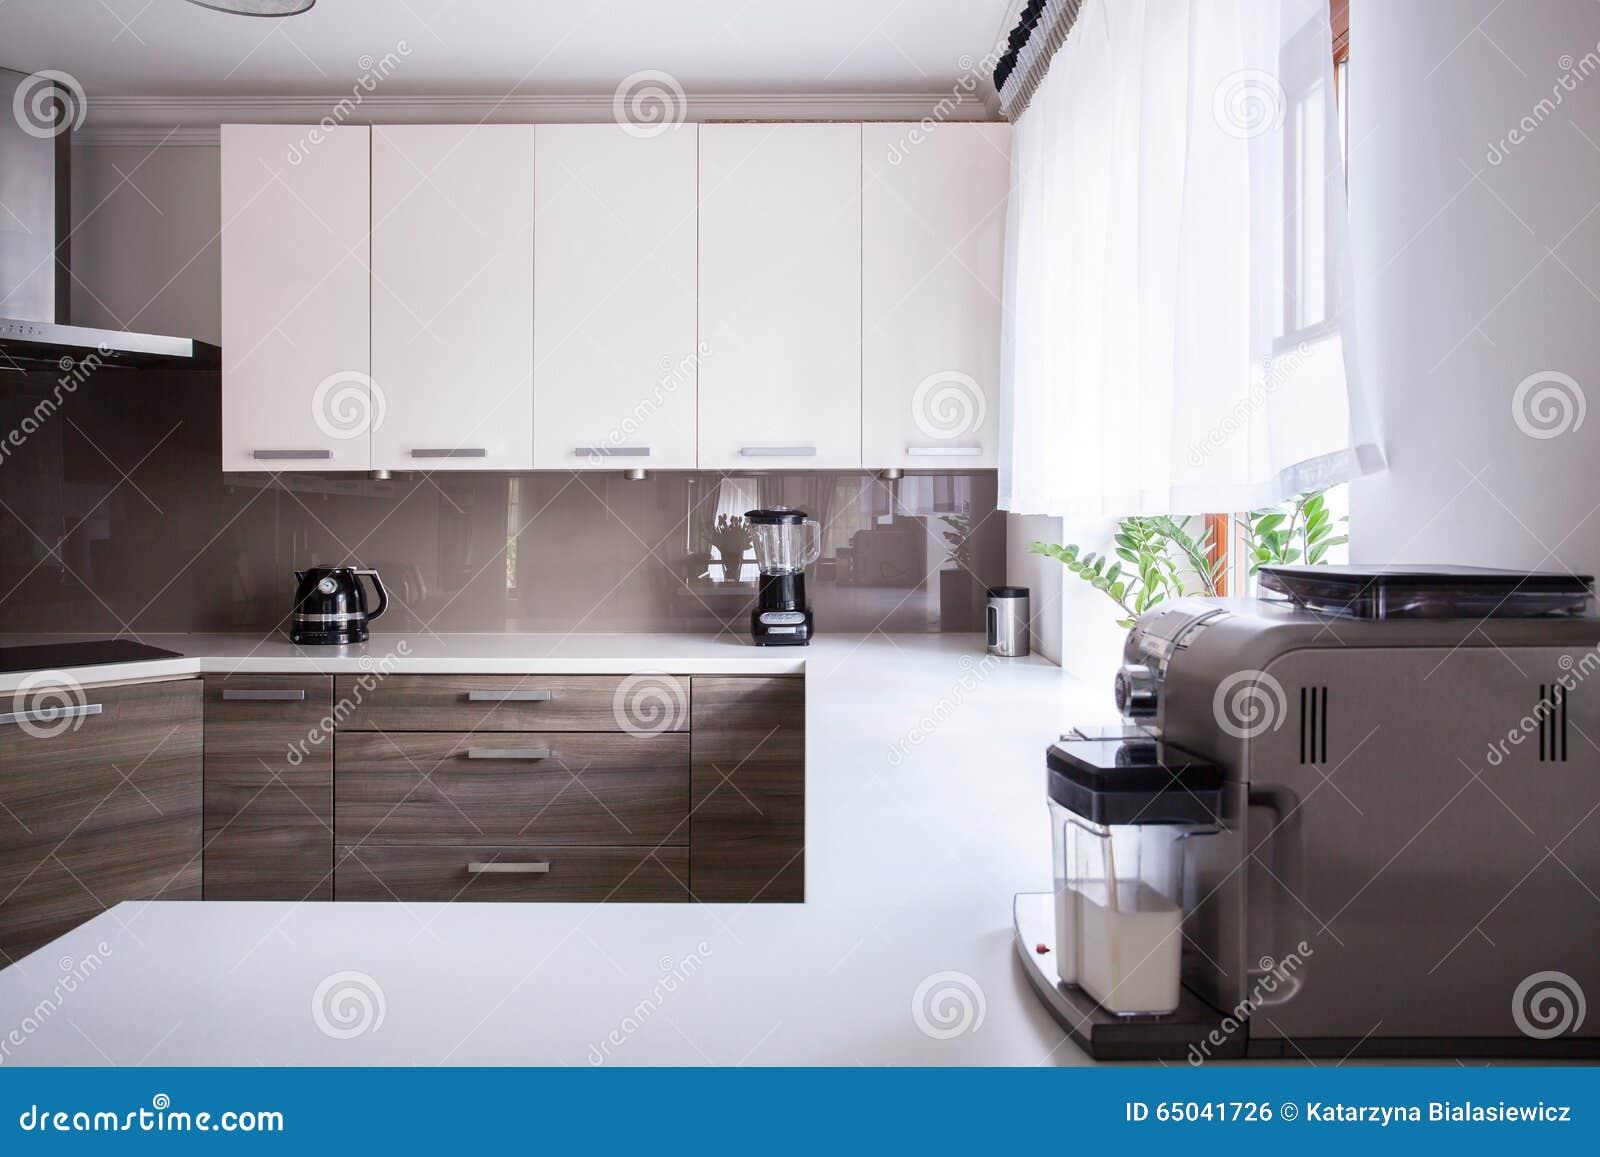 Beeindruckend Küche Beige Referenz Von Pattern Und Weiße Küche Stockfoto. Bild Von